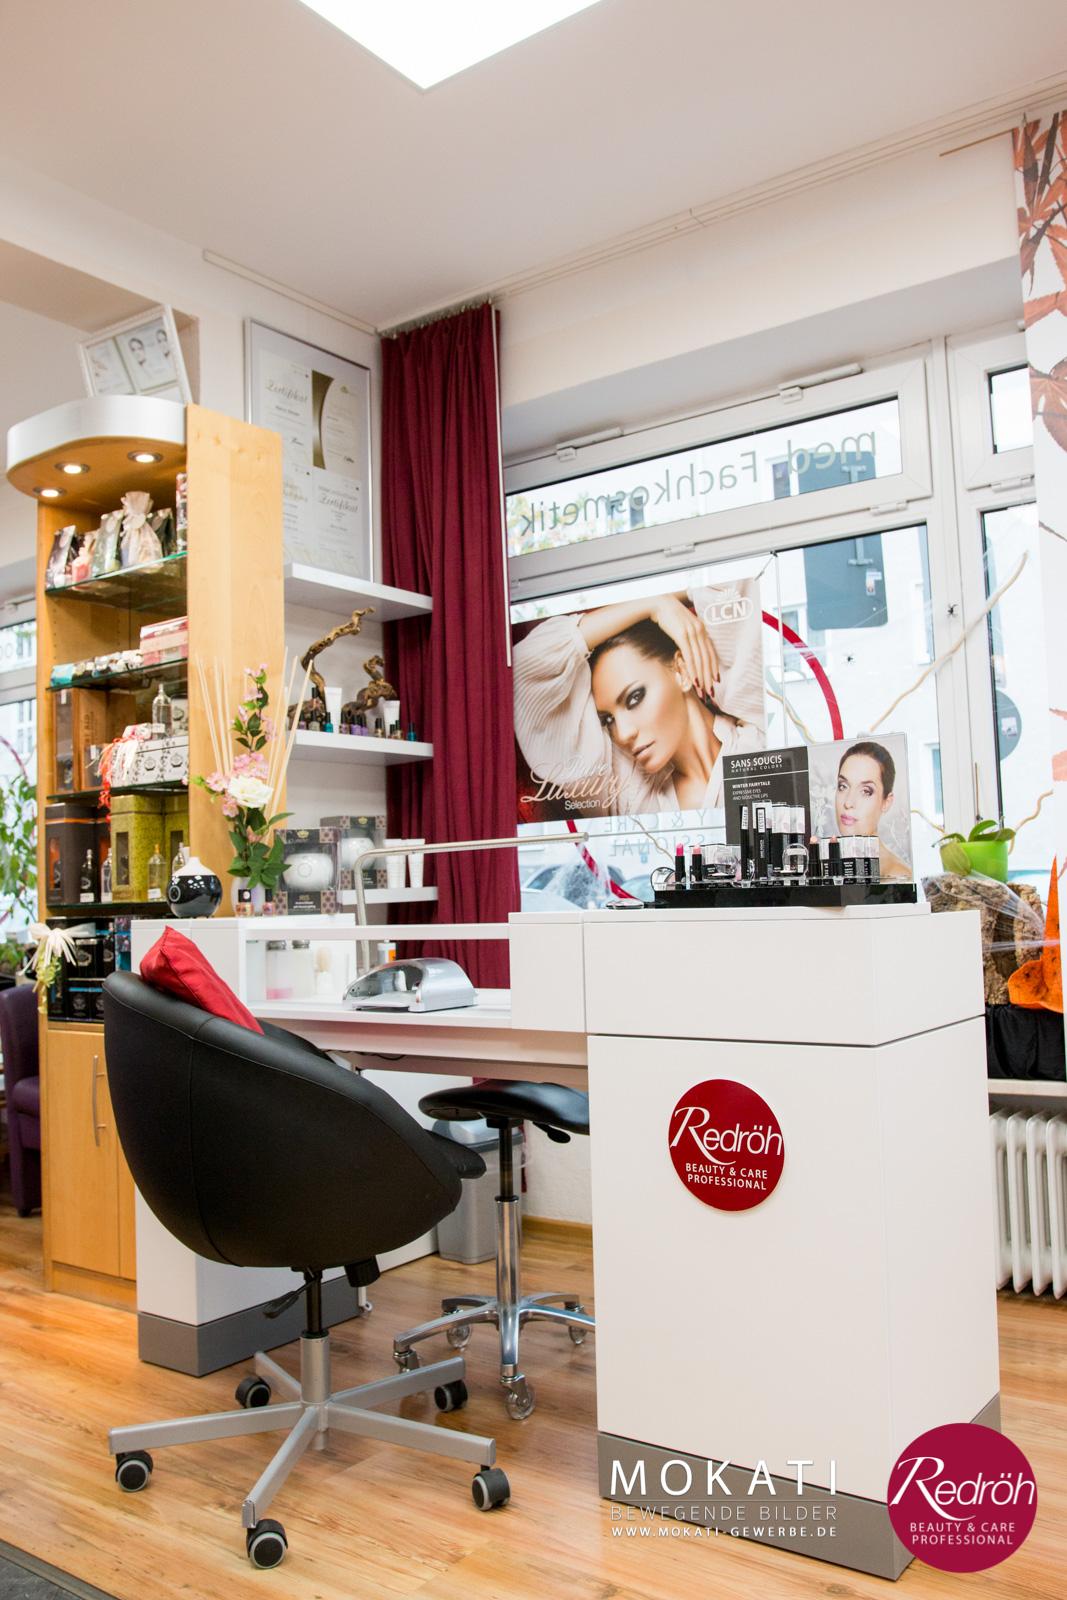 Redröh - Beauty & Care professional nach dem Umbau